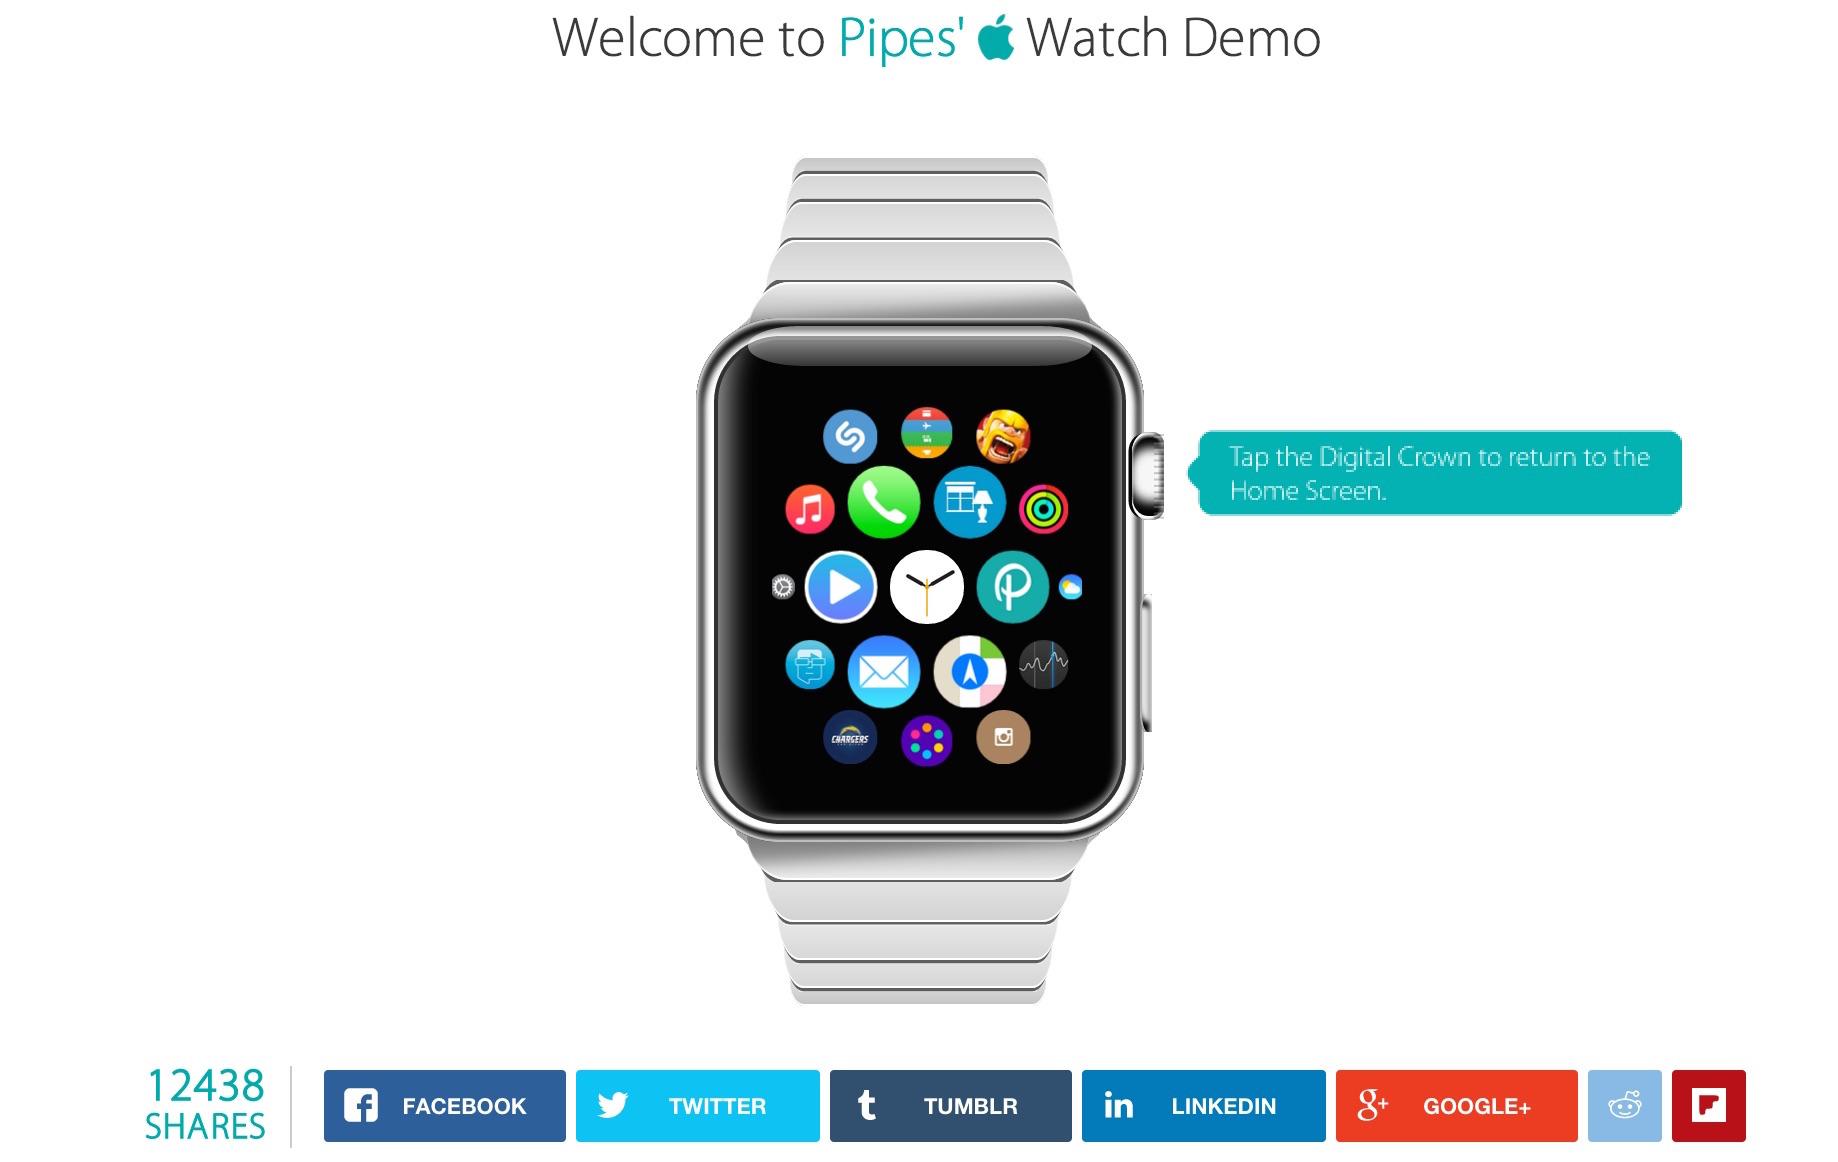 発売前にApple Watchを使用体験できるデモサイトが登場